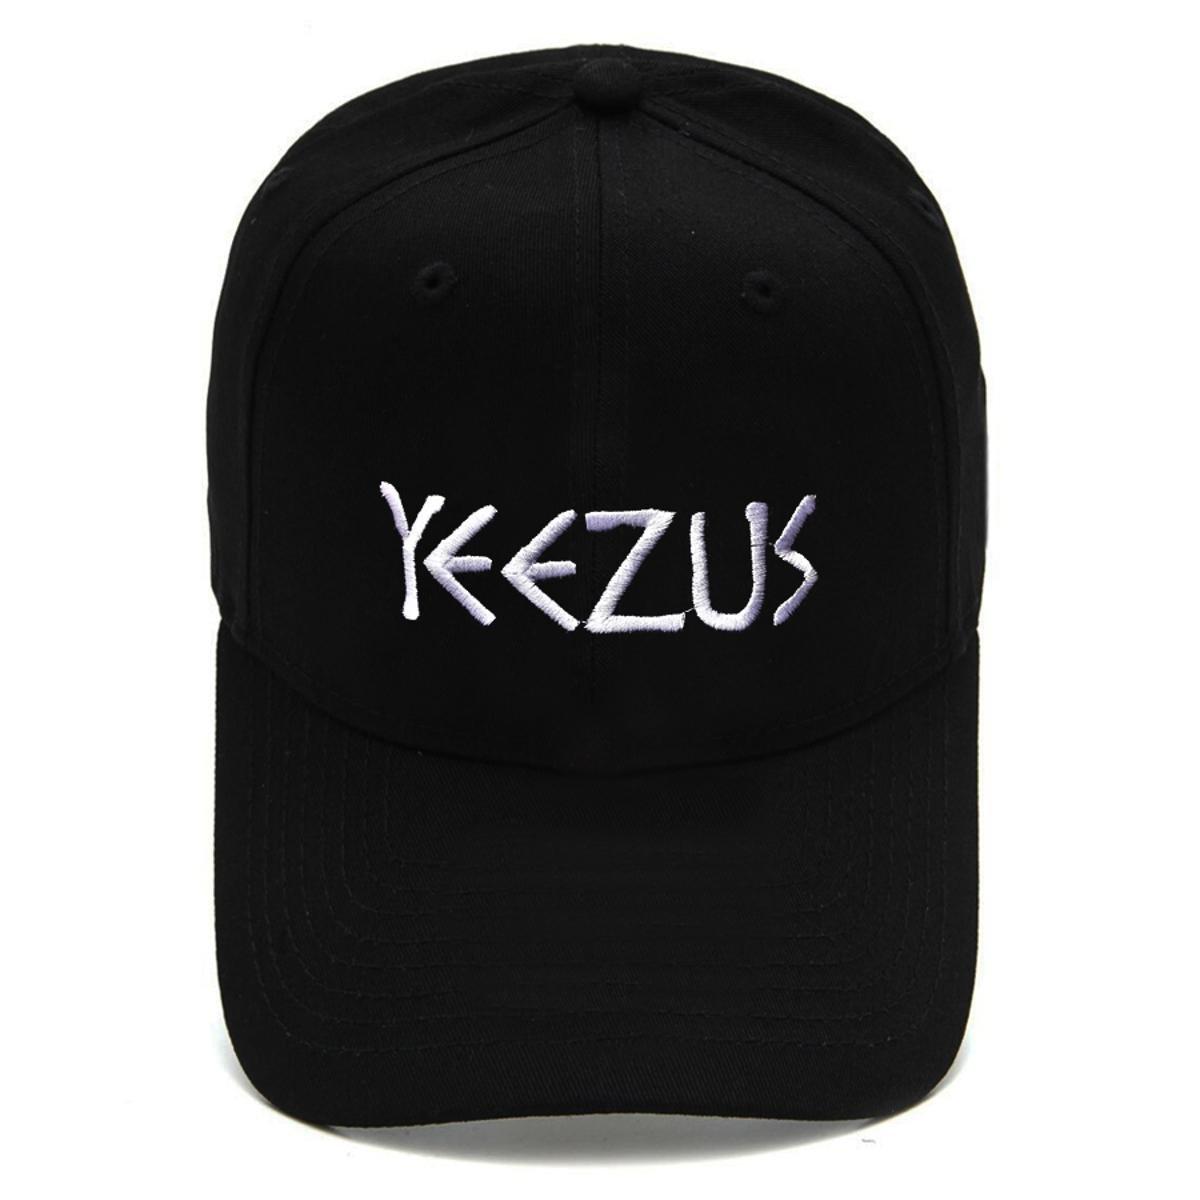 Boné Strapback Dad Hat Aba Curva Yeezus Preto